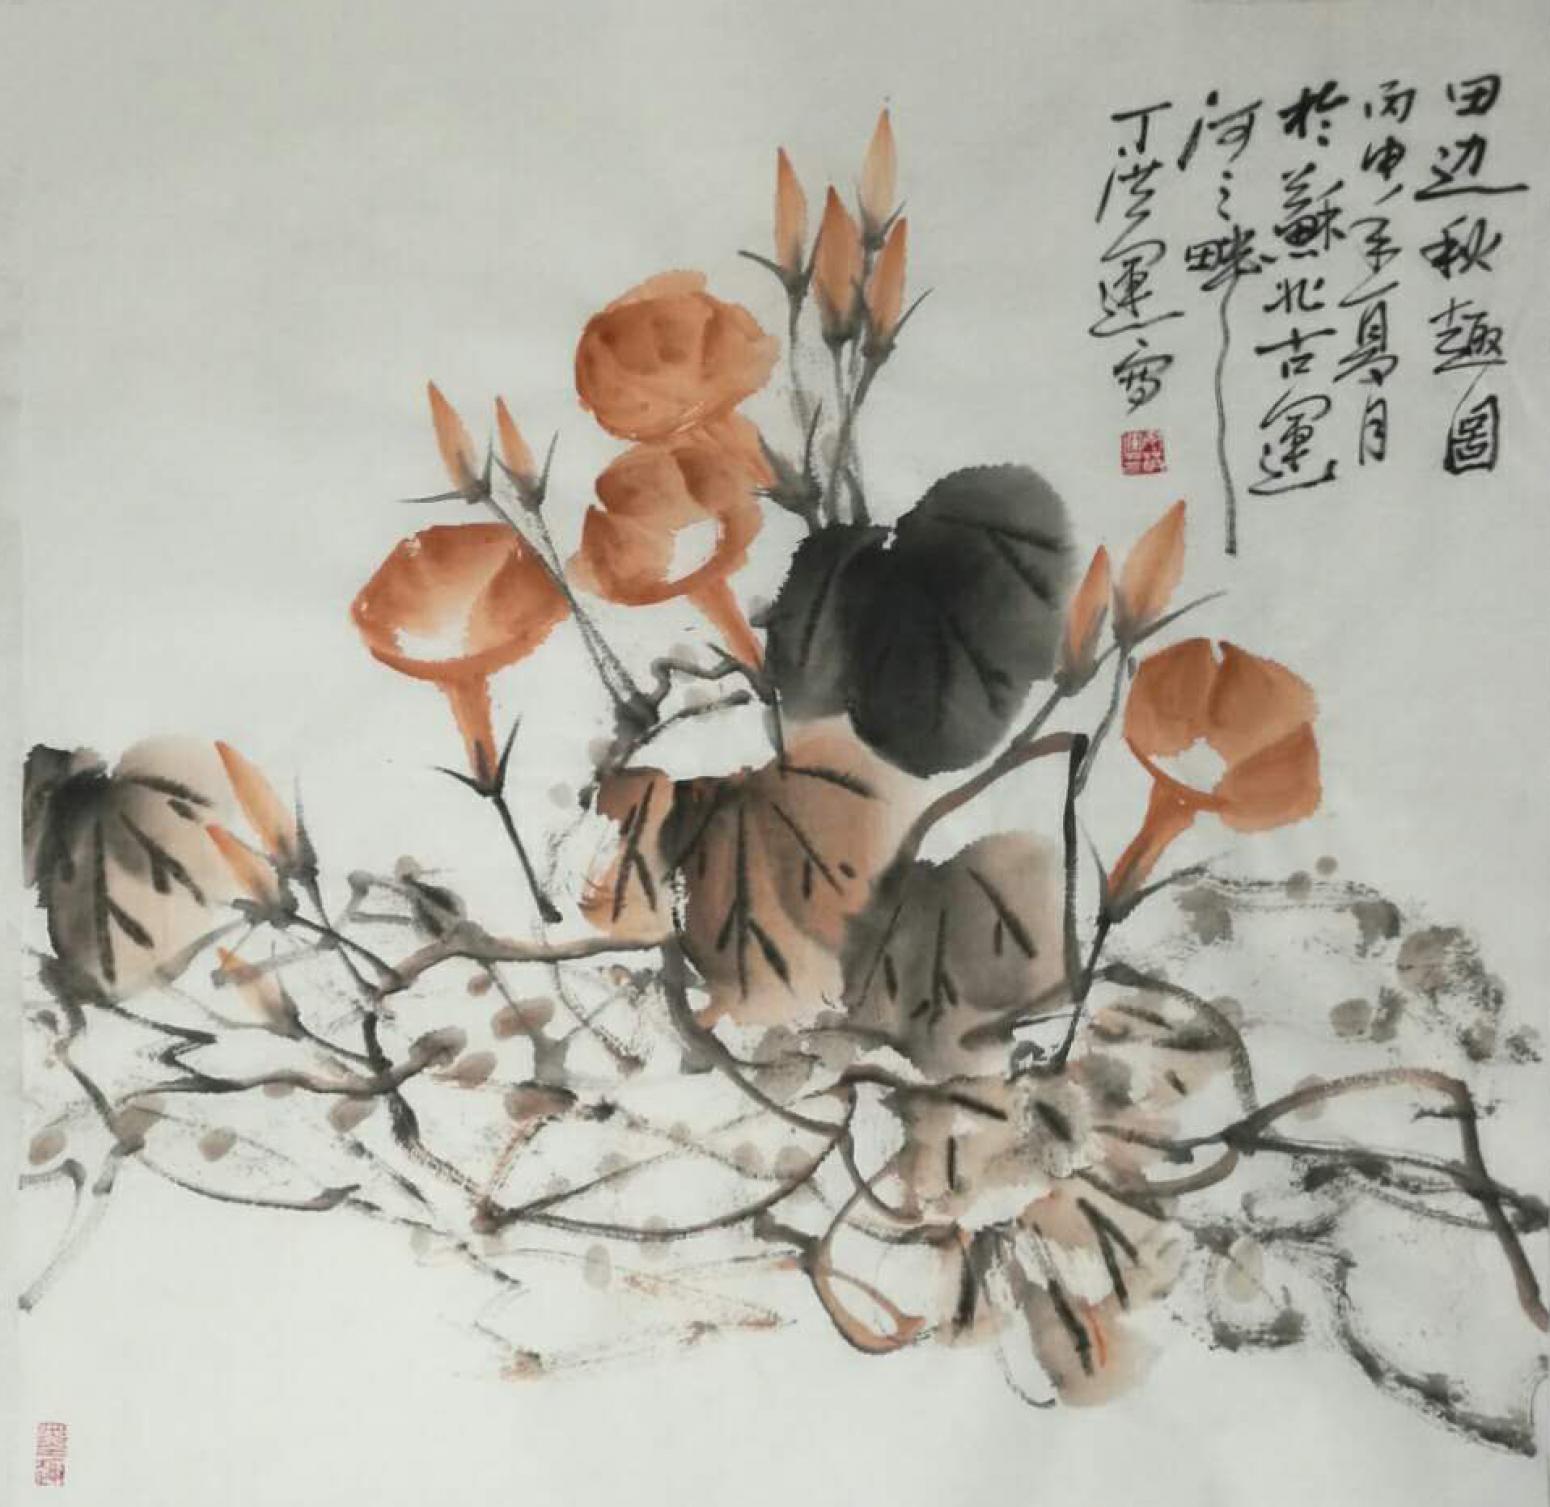 丁洪运国画作品《【田边秋趣图】作者丁洪运》【图0】